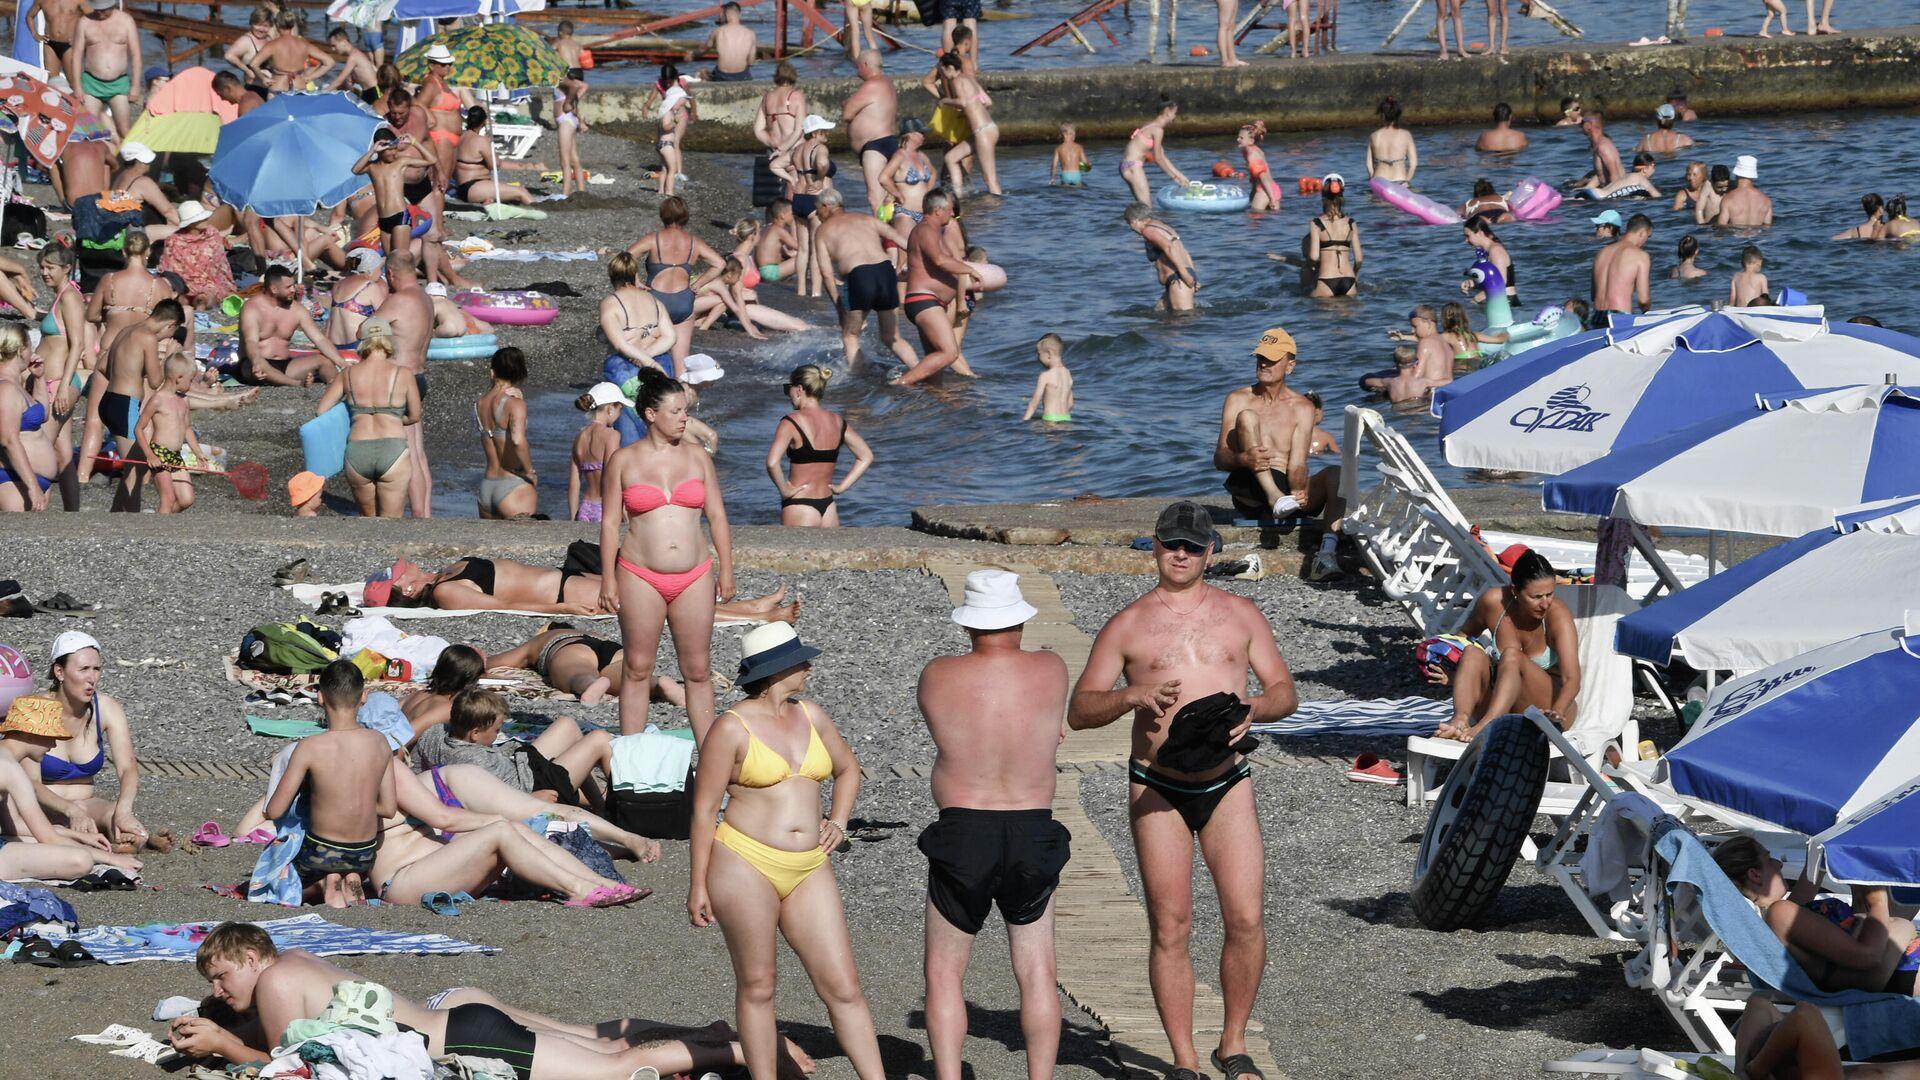 Отдыхающие на пляже в Судаке - РИА Новости, 1920, 05.07.2021